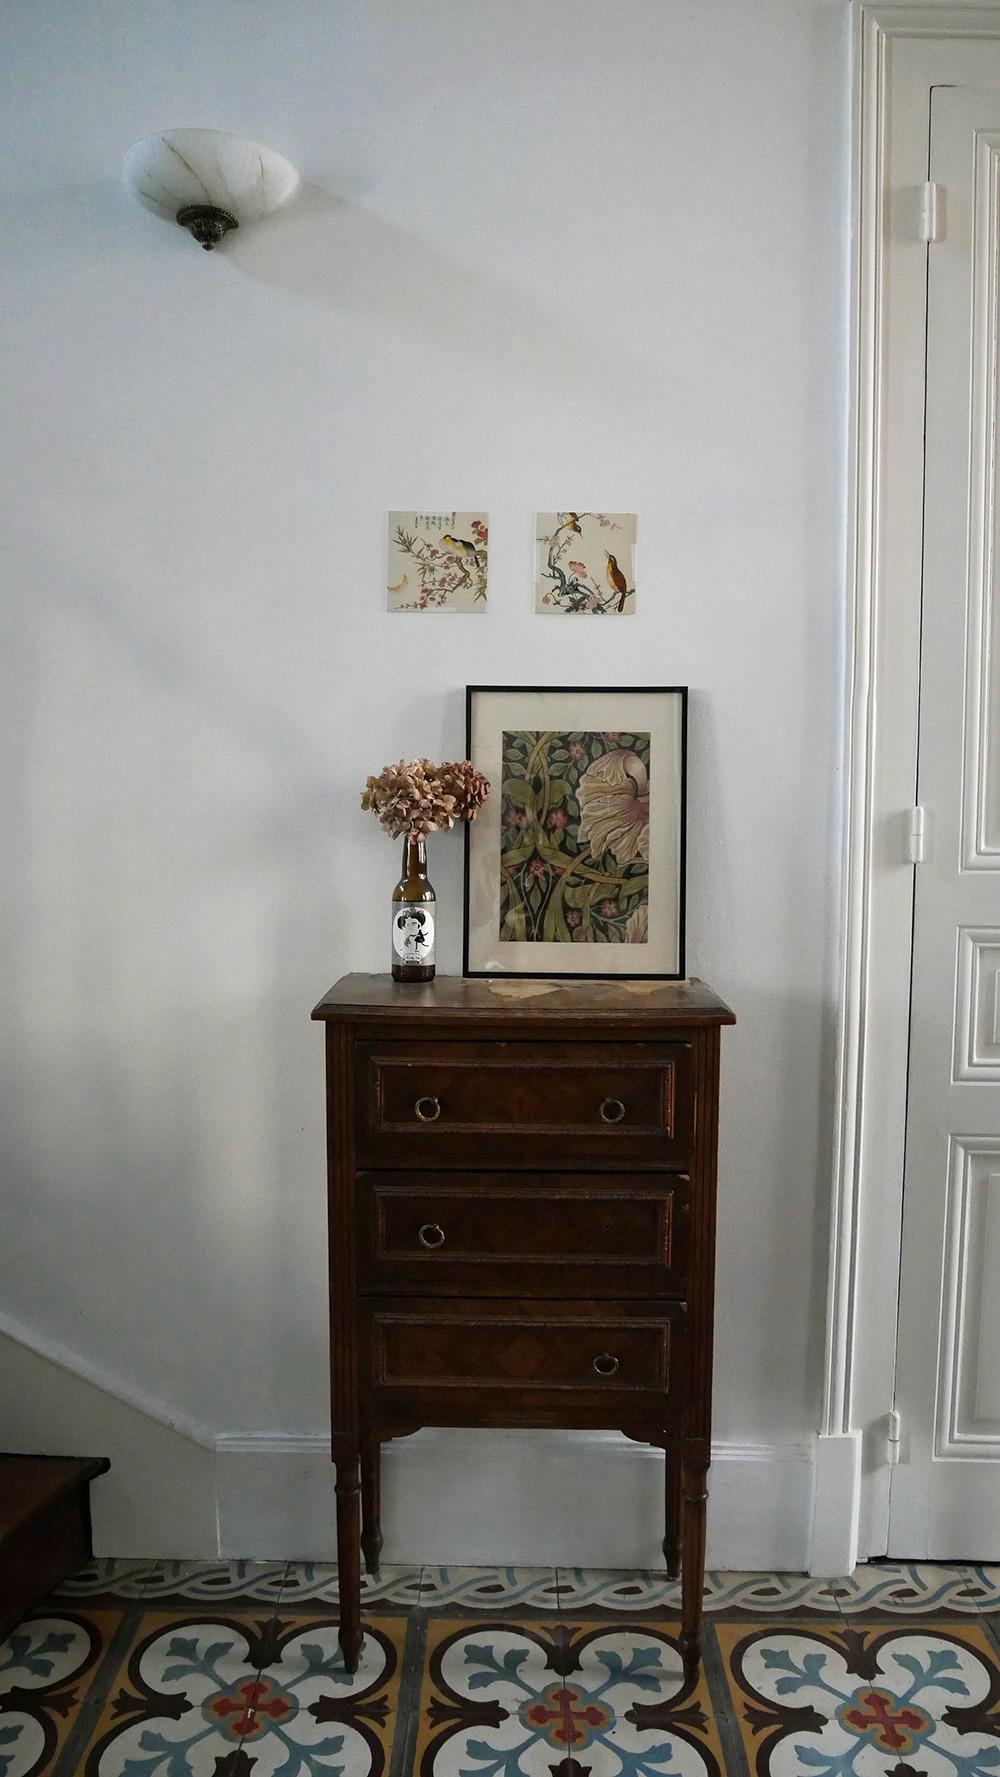 cadre déco réalisé avec l'échantillon de papier peint Pimpernel de William Morris